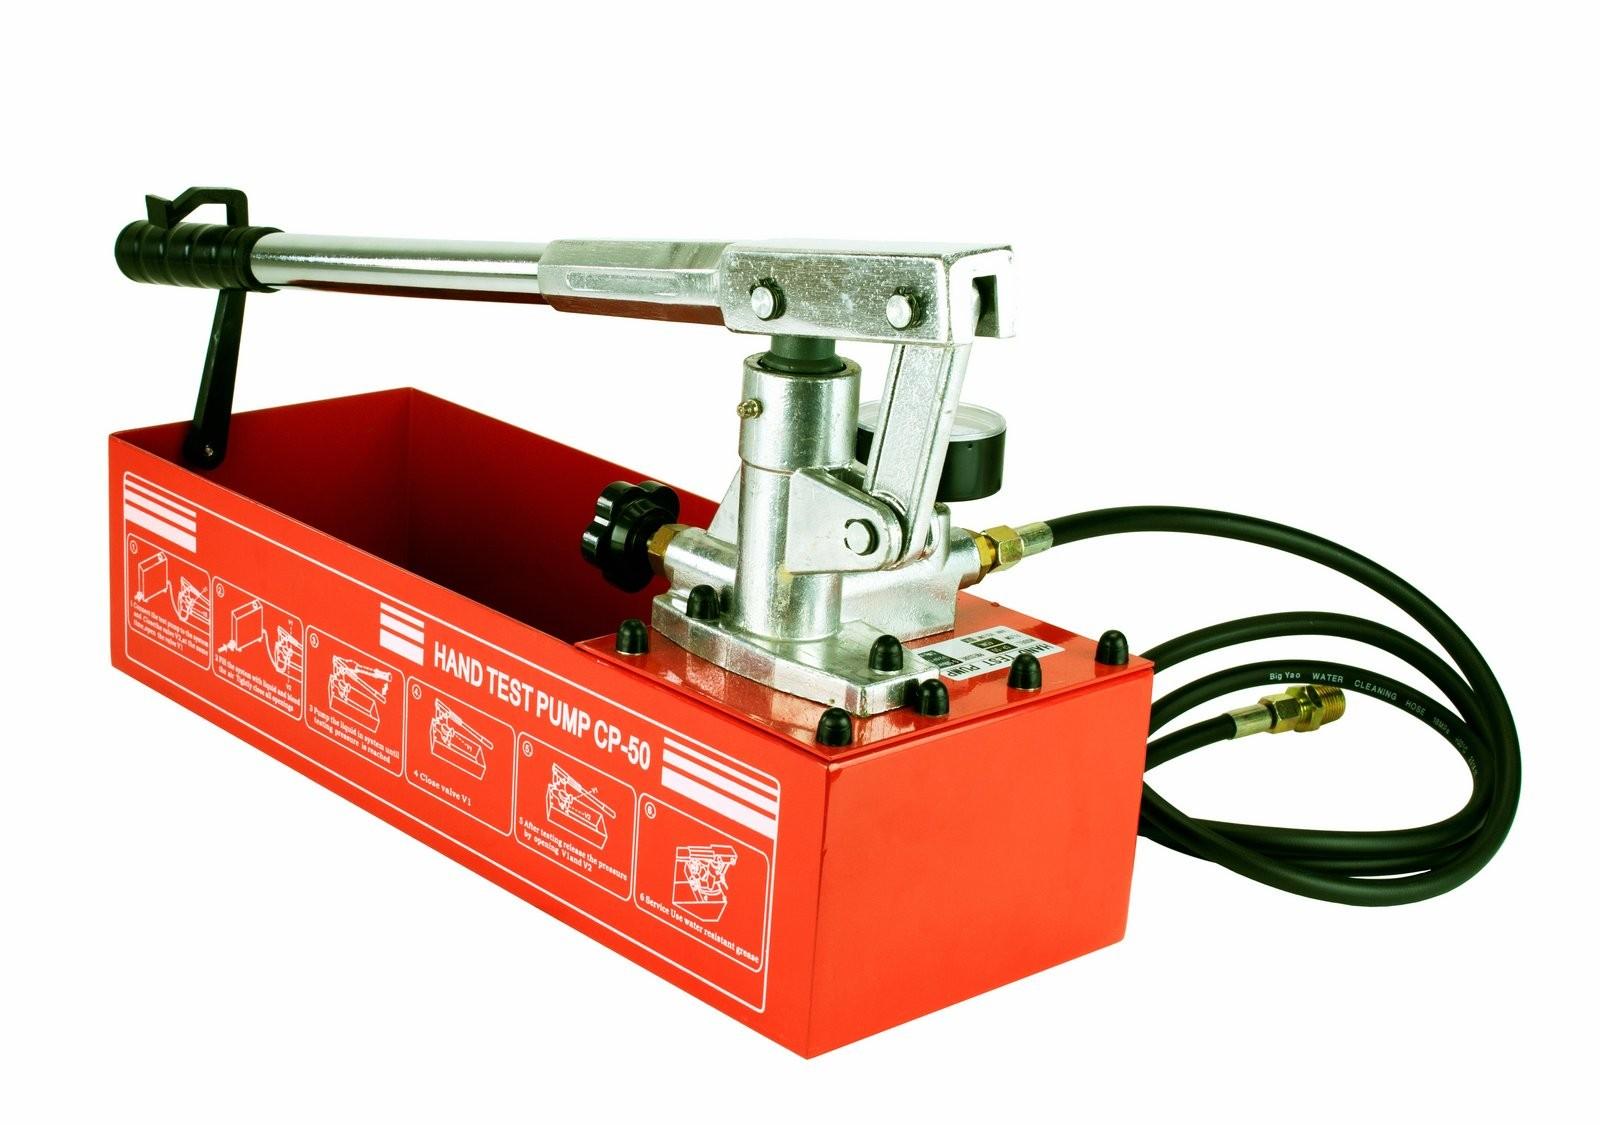 Steel Dragon Tools® CP-50 Pressure Test Pump 726 PSI & 2.5 Gallon Tank